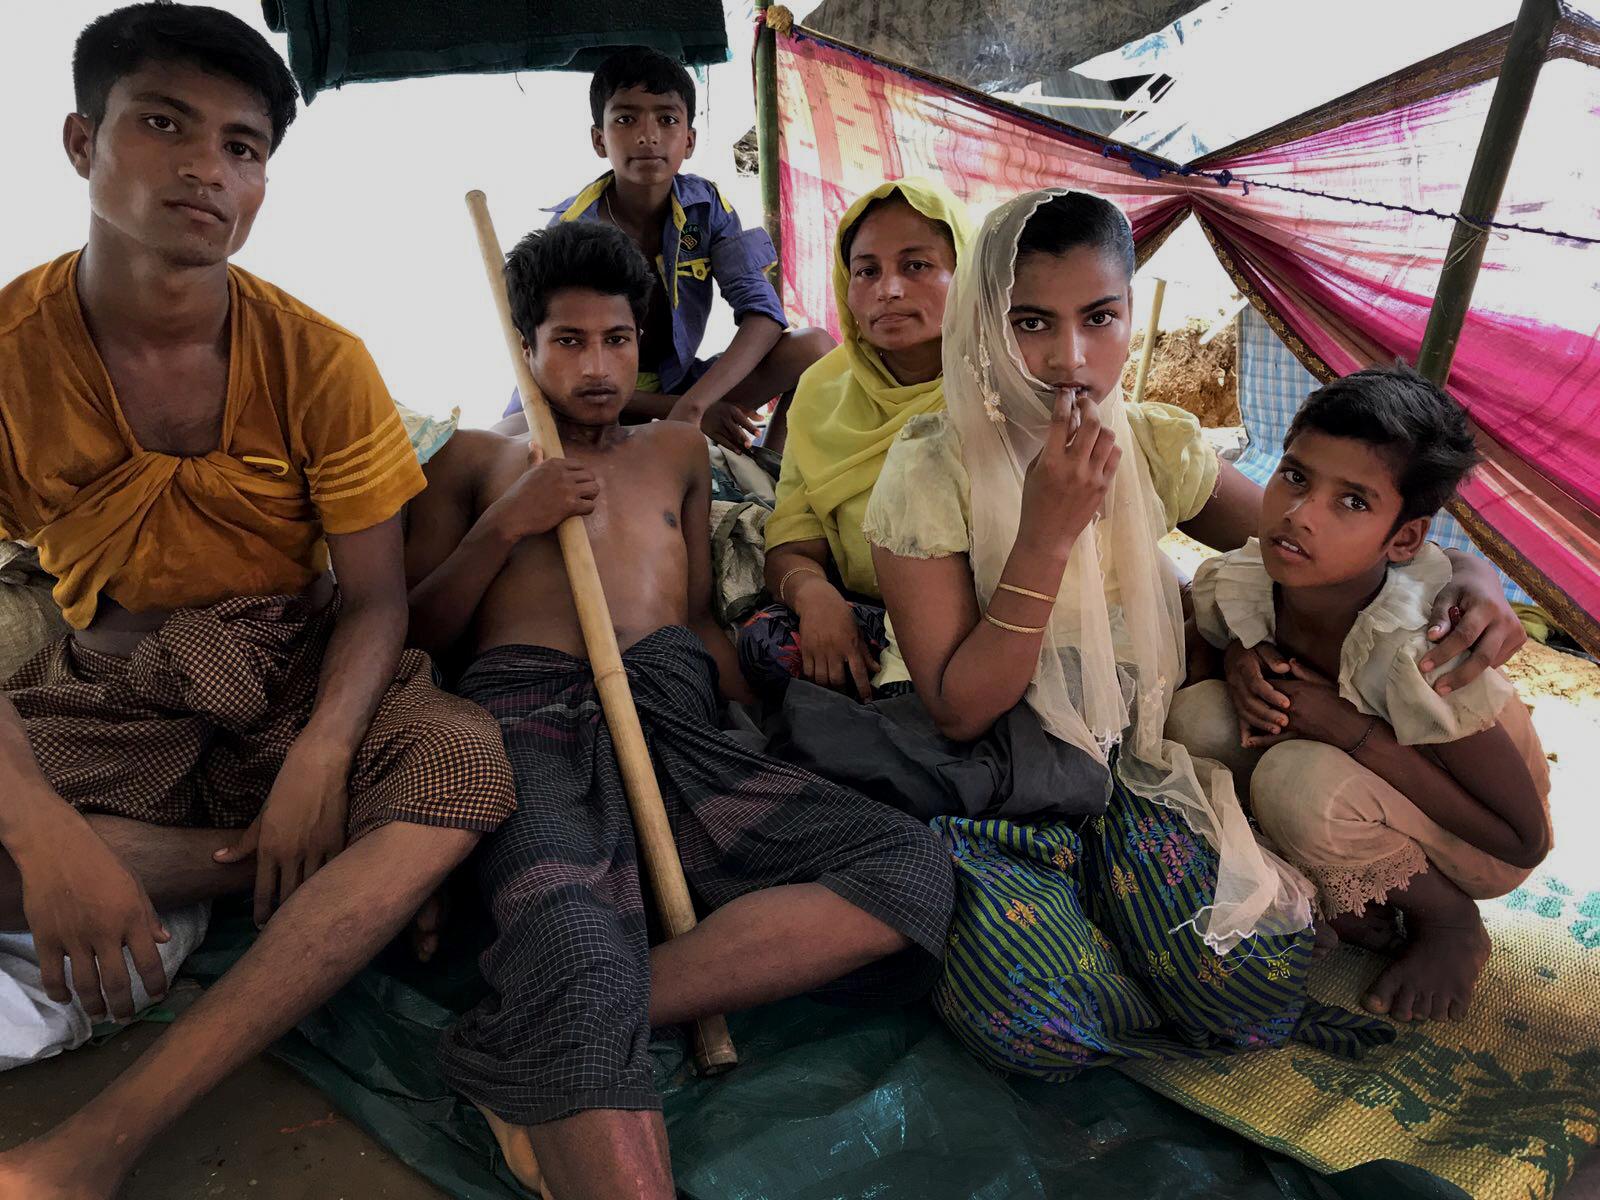 PÚBLICO - Dias de horror para os rohingya